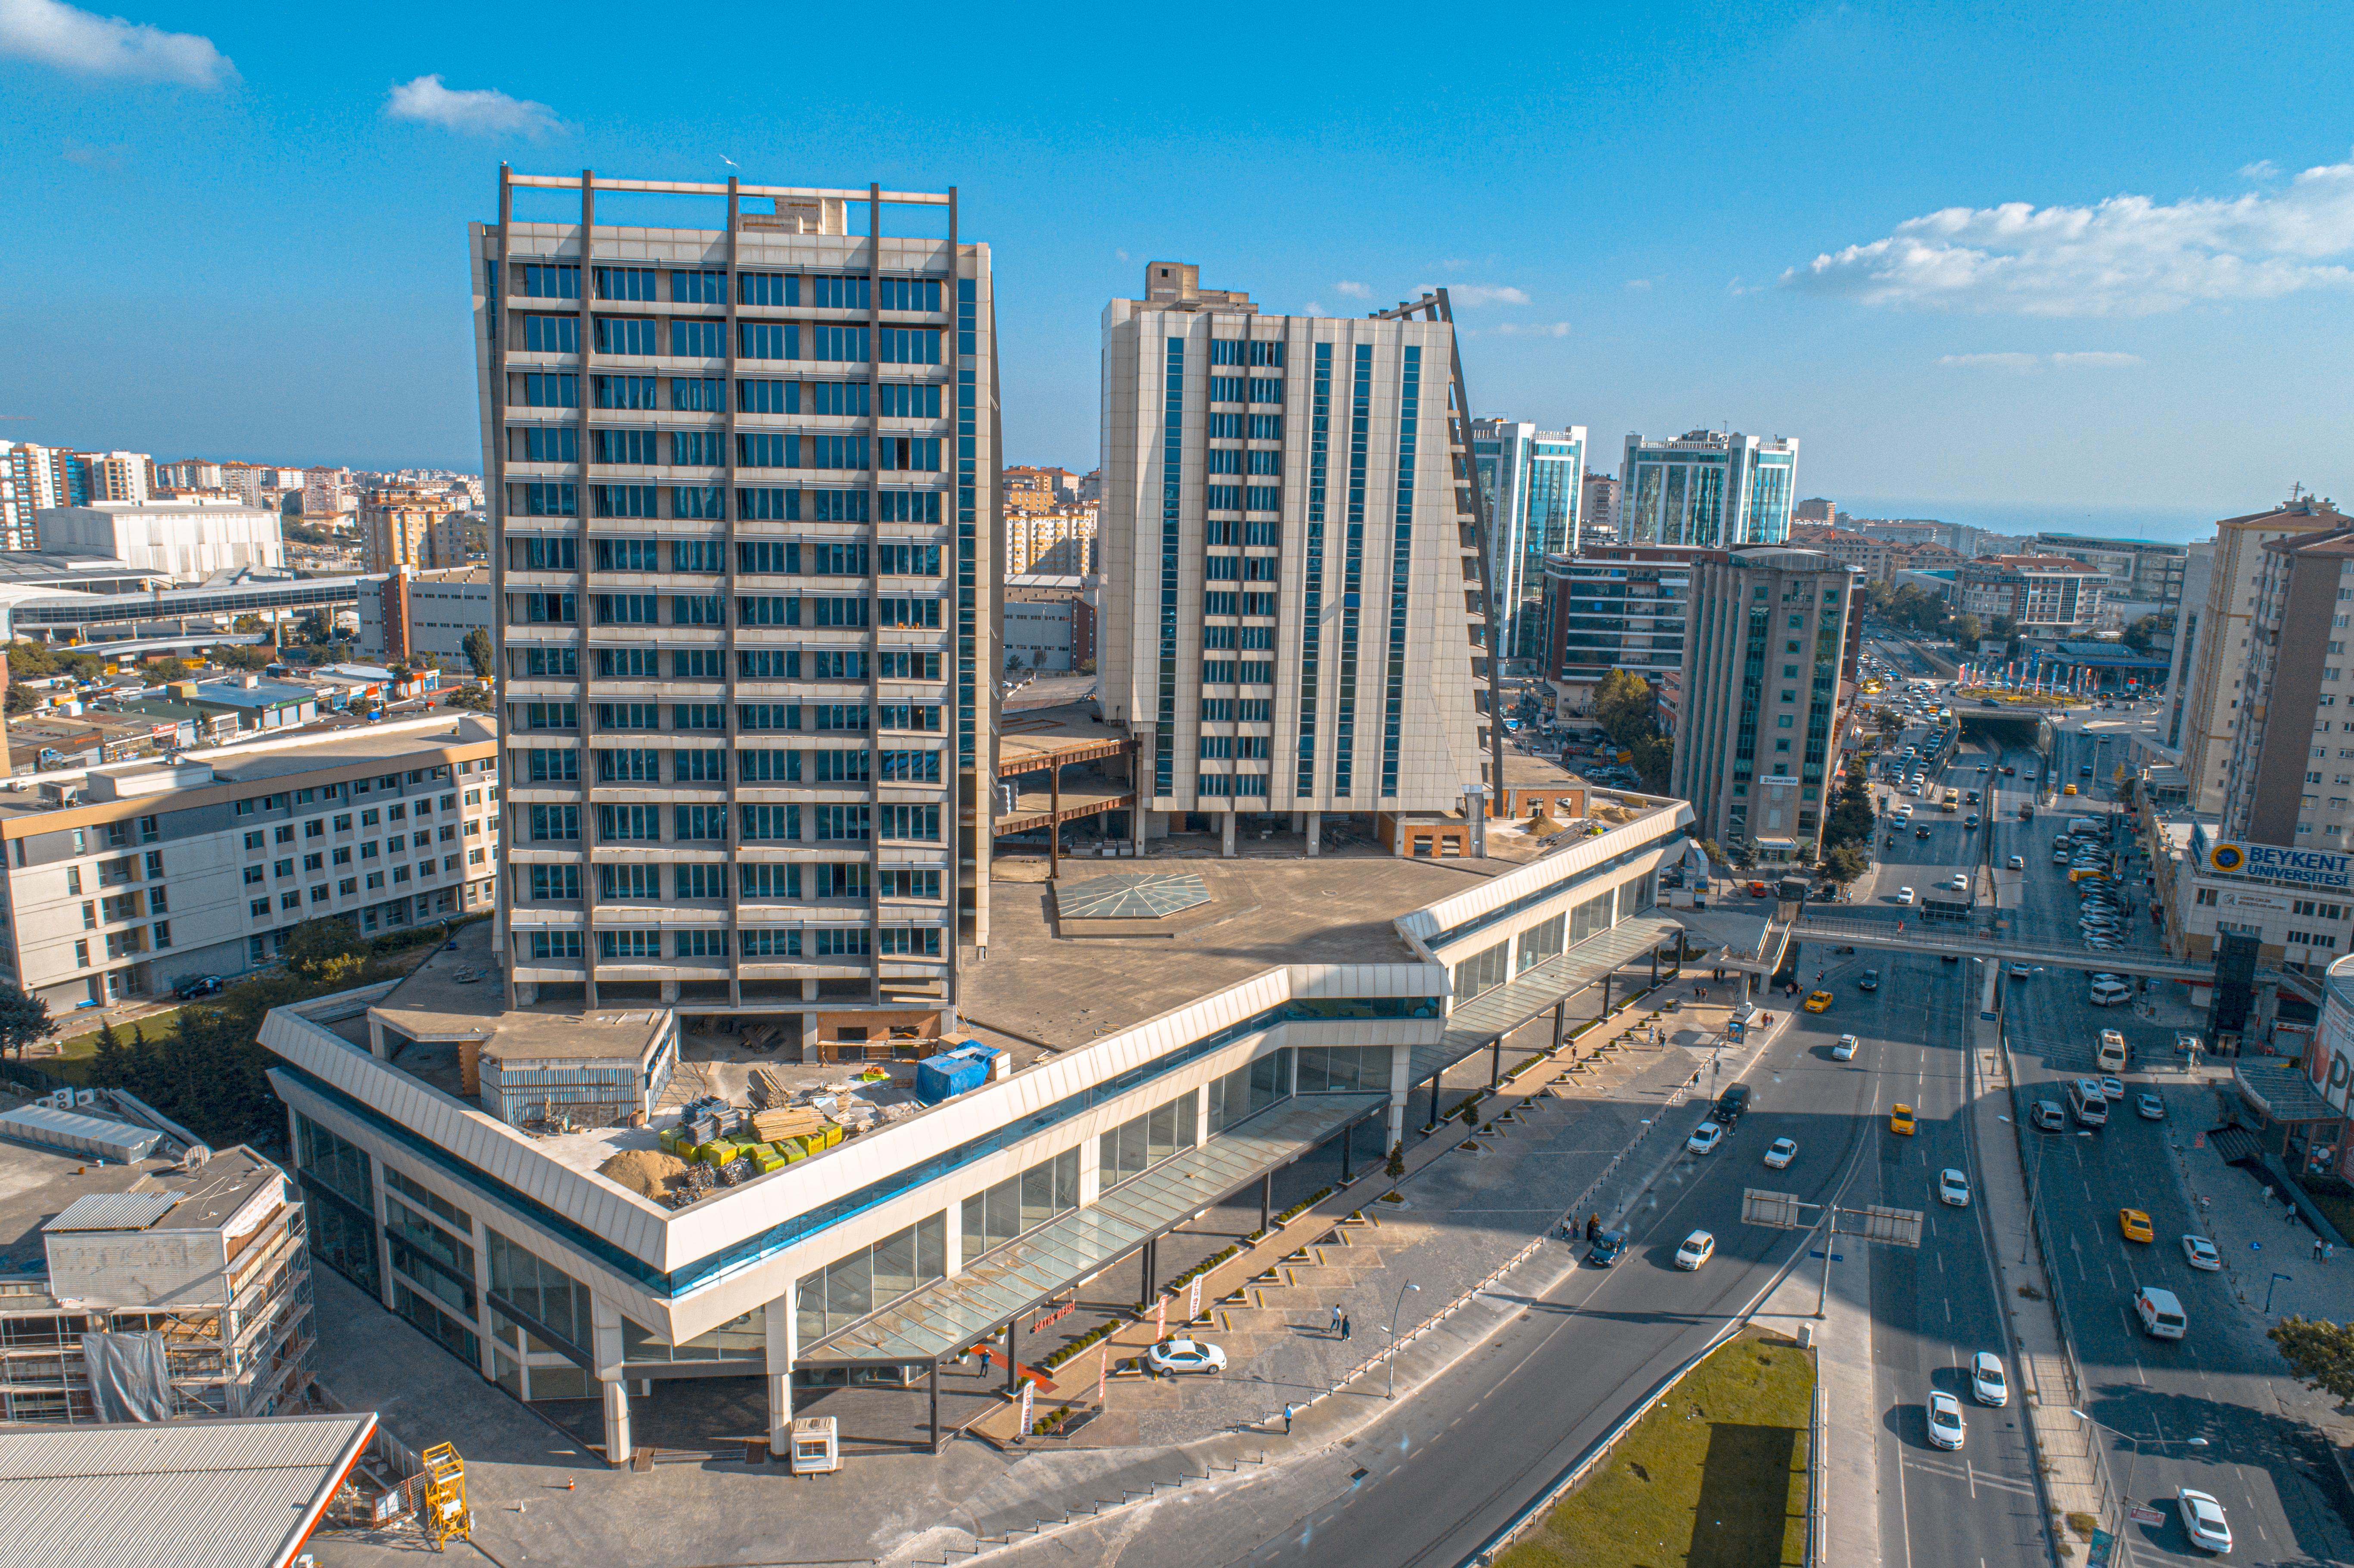 تركيا اسطنبول بيلك دوزو hr-152-شقق سكنية وشقق مكتبية